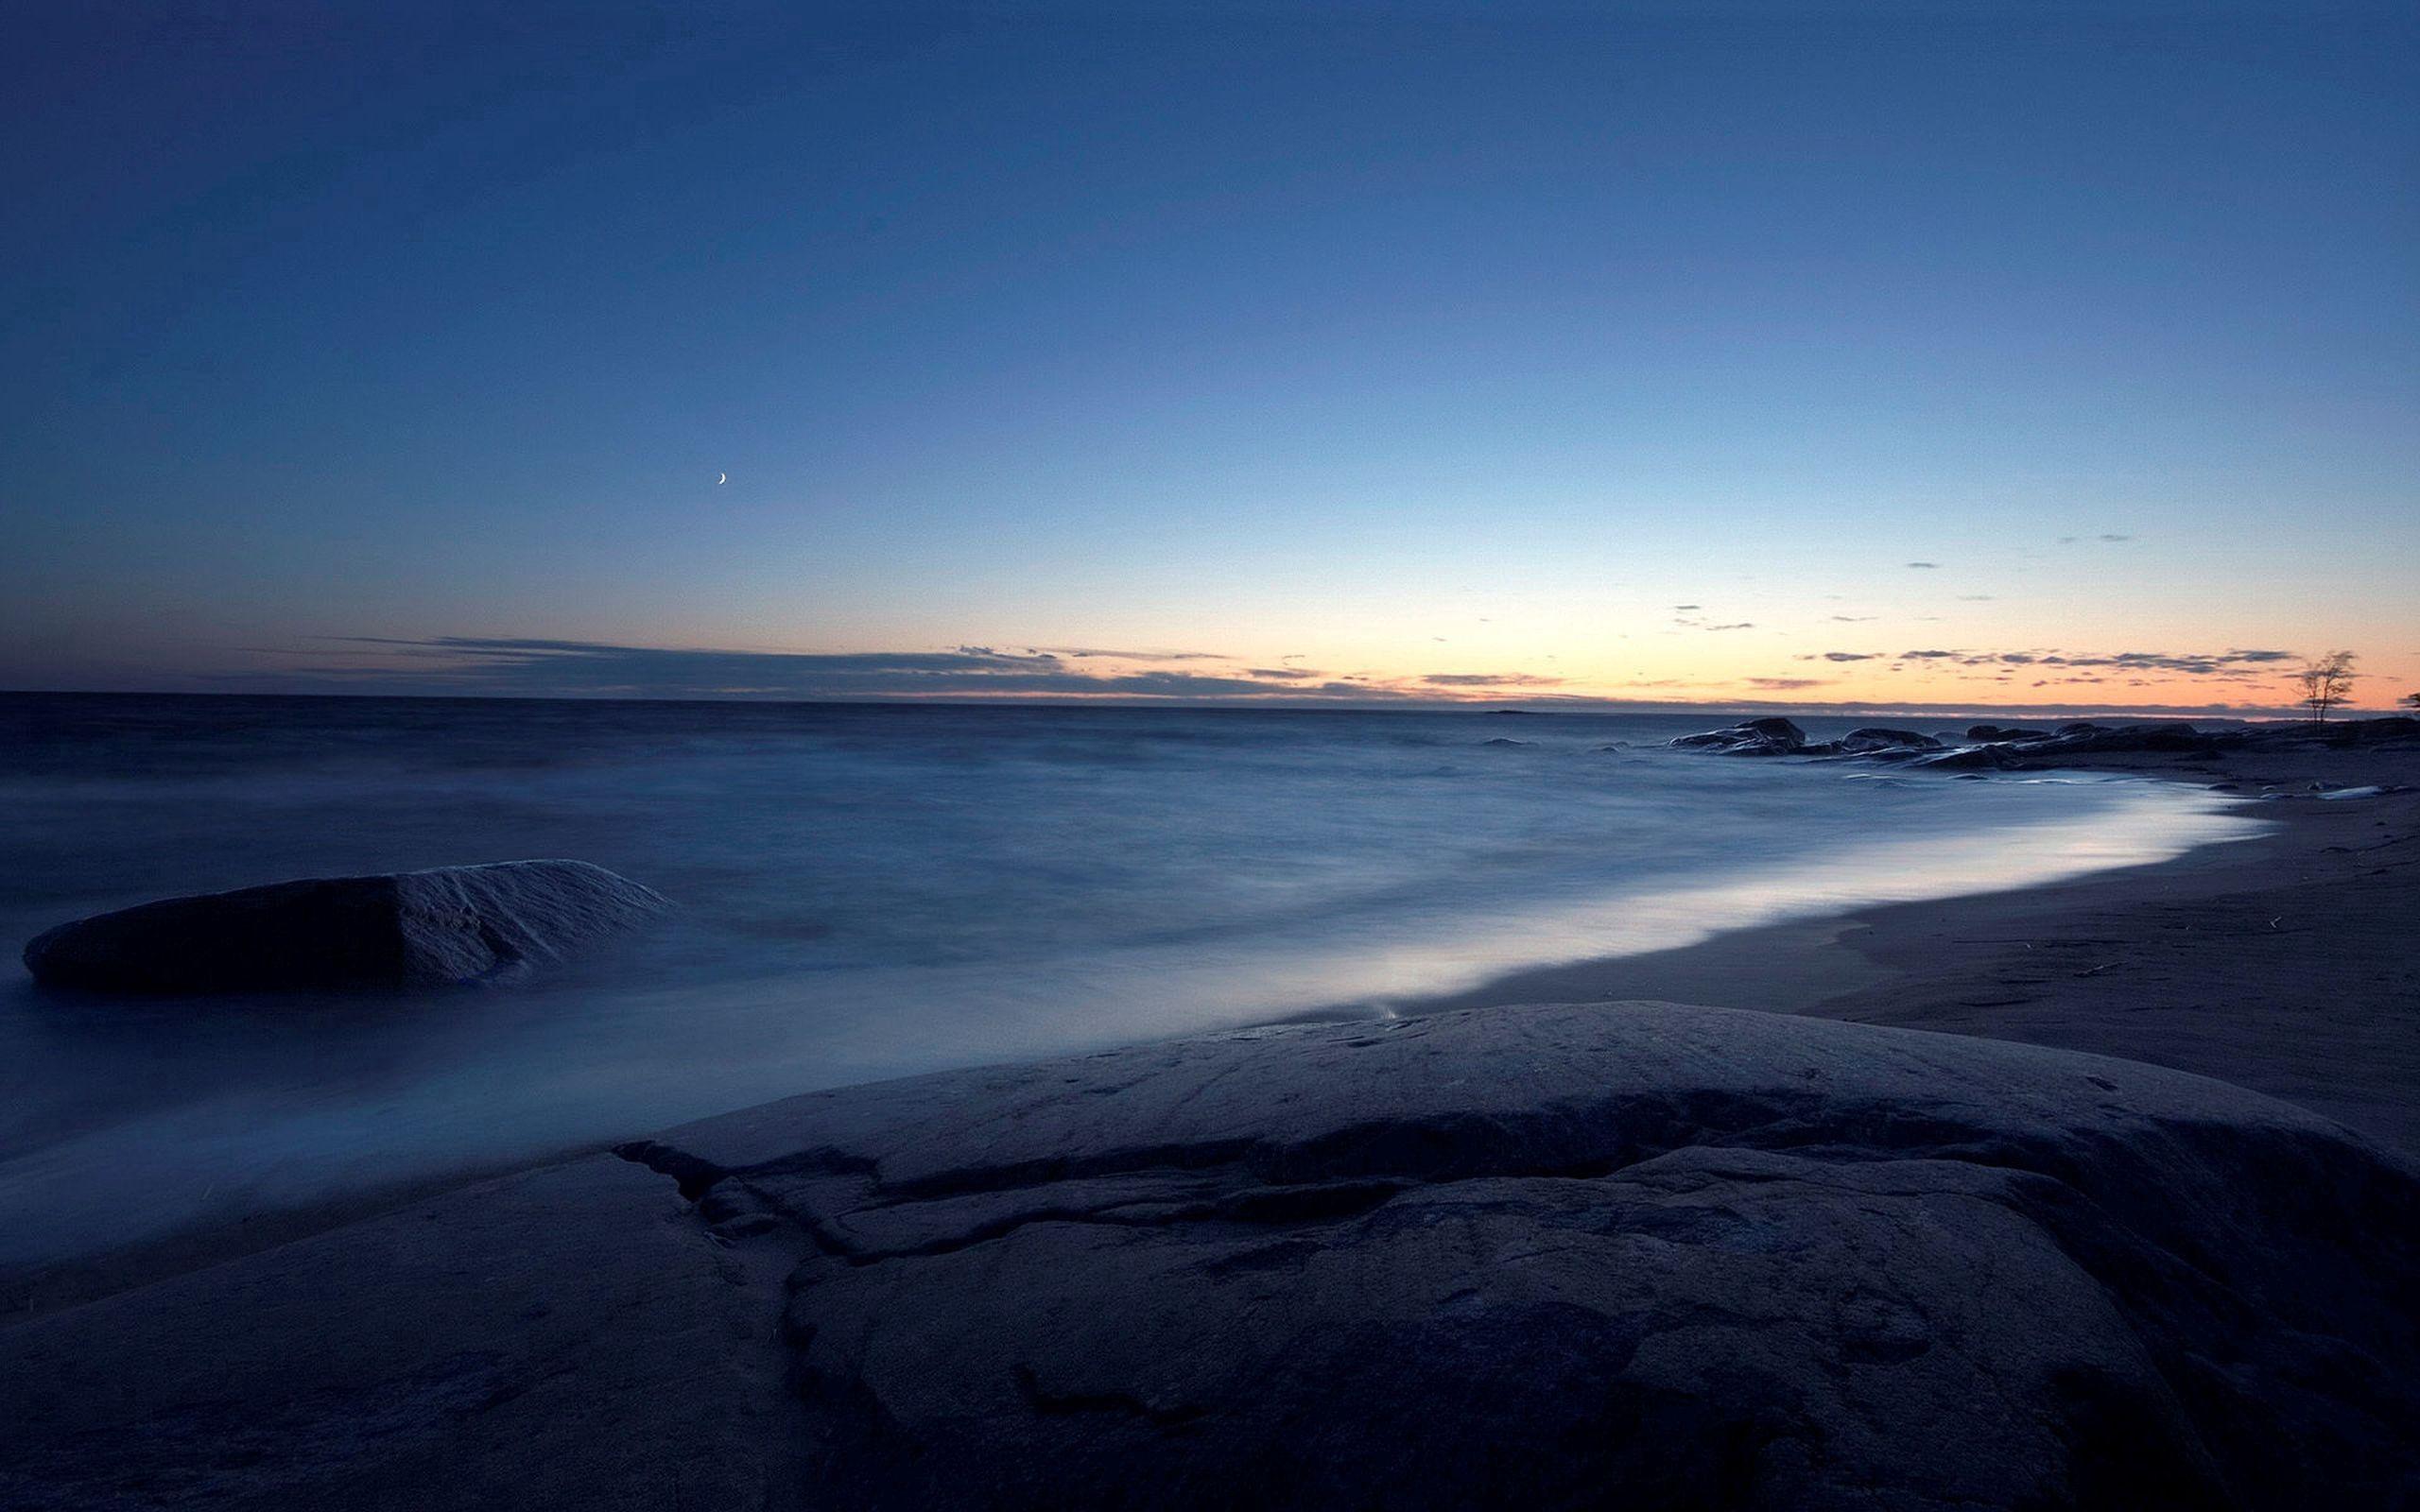 62177 скачать обои Природа, Берег, Море, Свет, Небо - заставки и картинки бесплатно